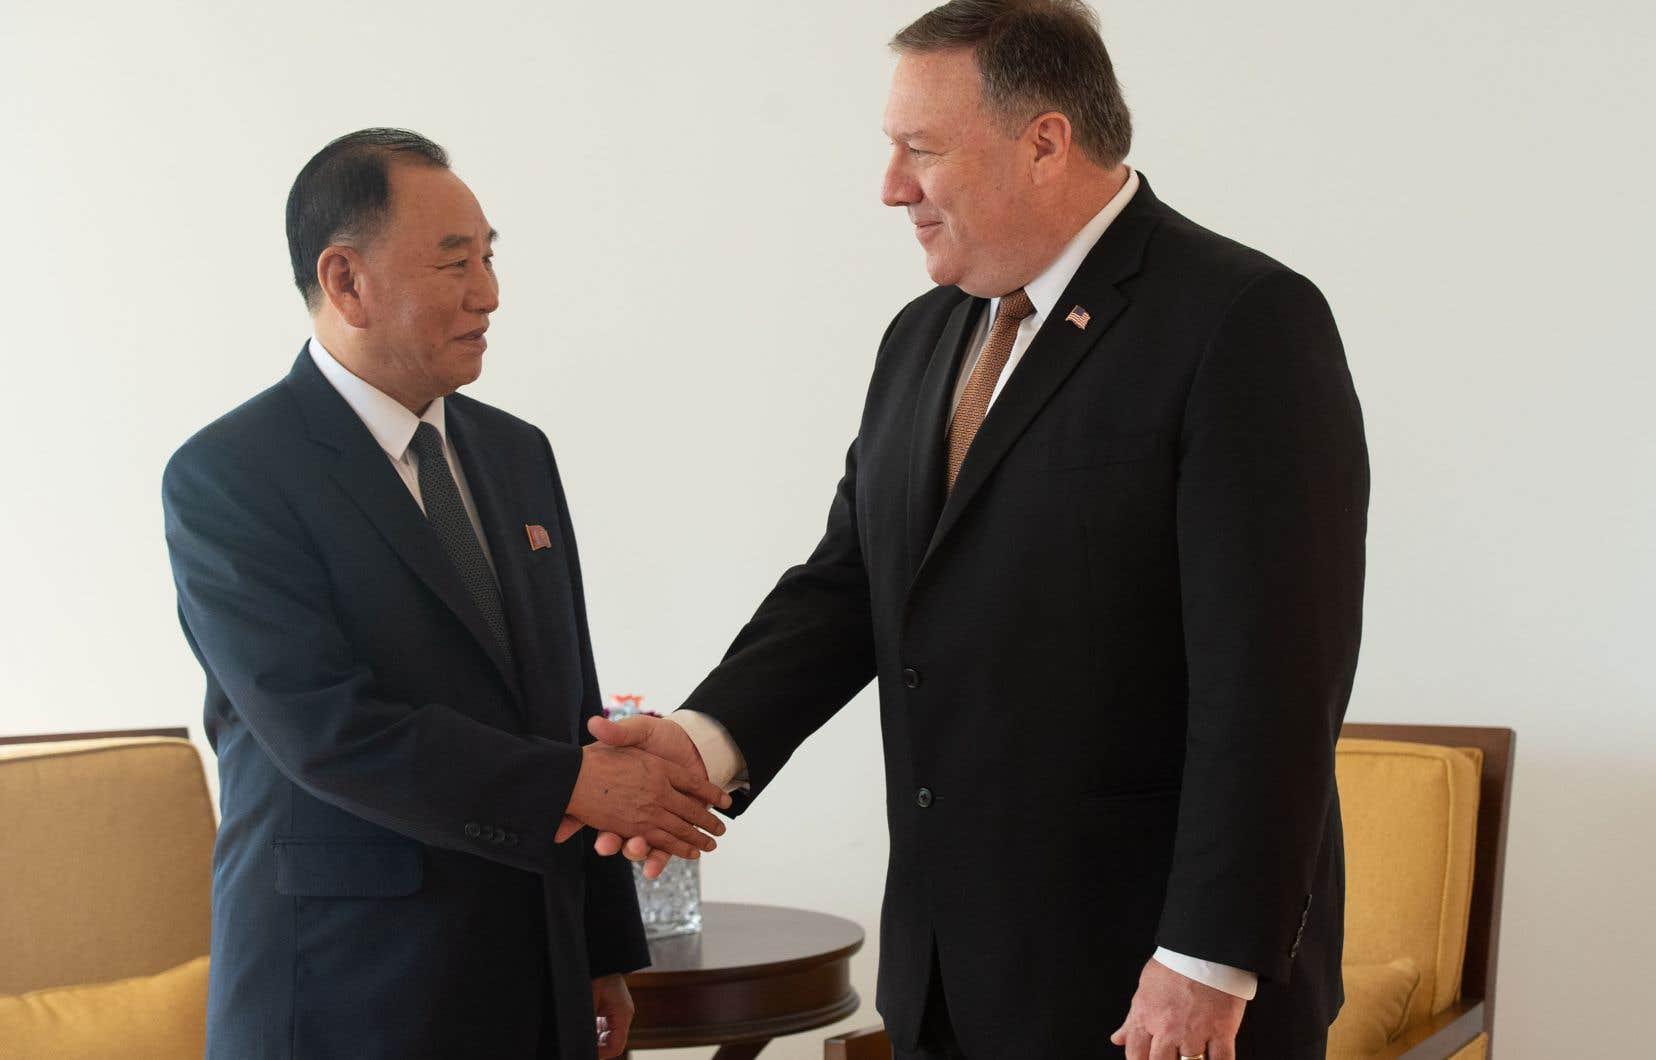 Le général Kim Yong Chol, bras droit du leader nord-coréen, et le chef de la diplomatie américaine, Mike Pompeo, se sont serré la main avant le début des discussions.<br />